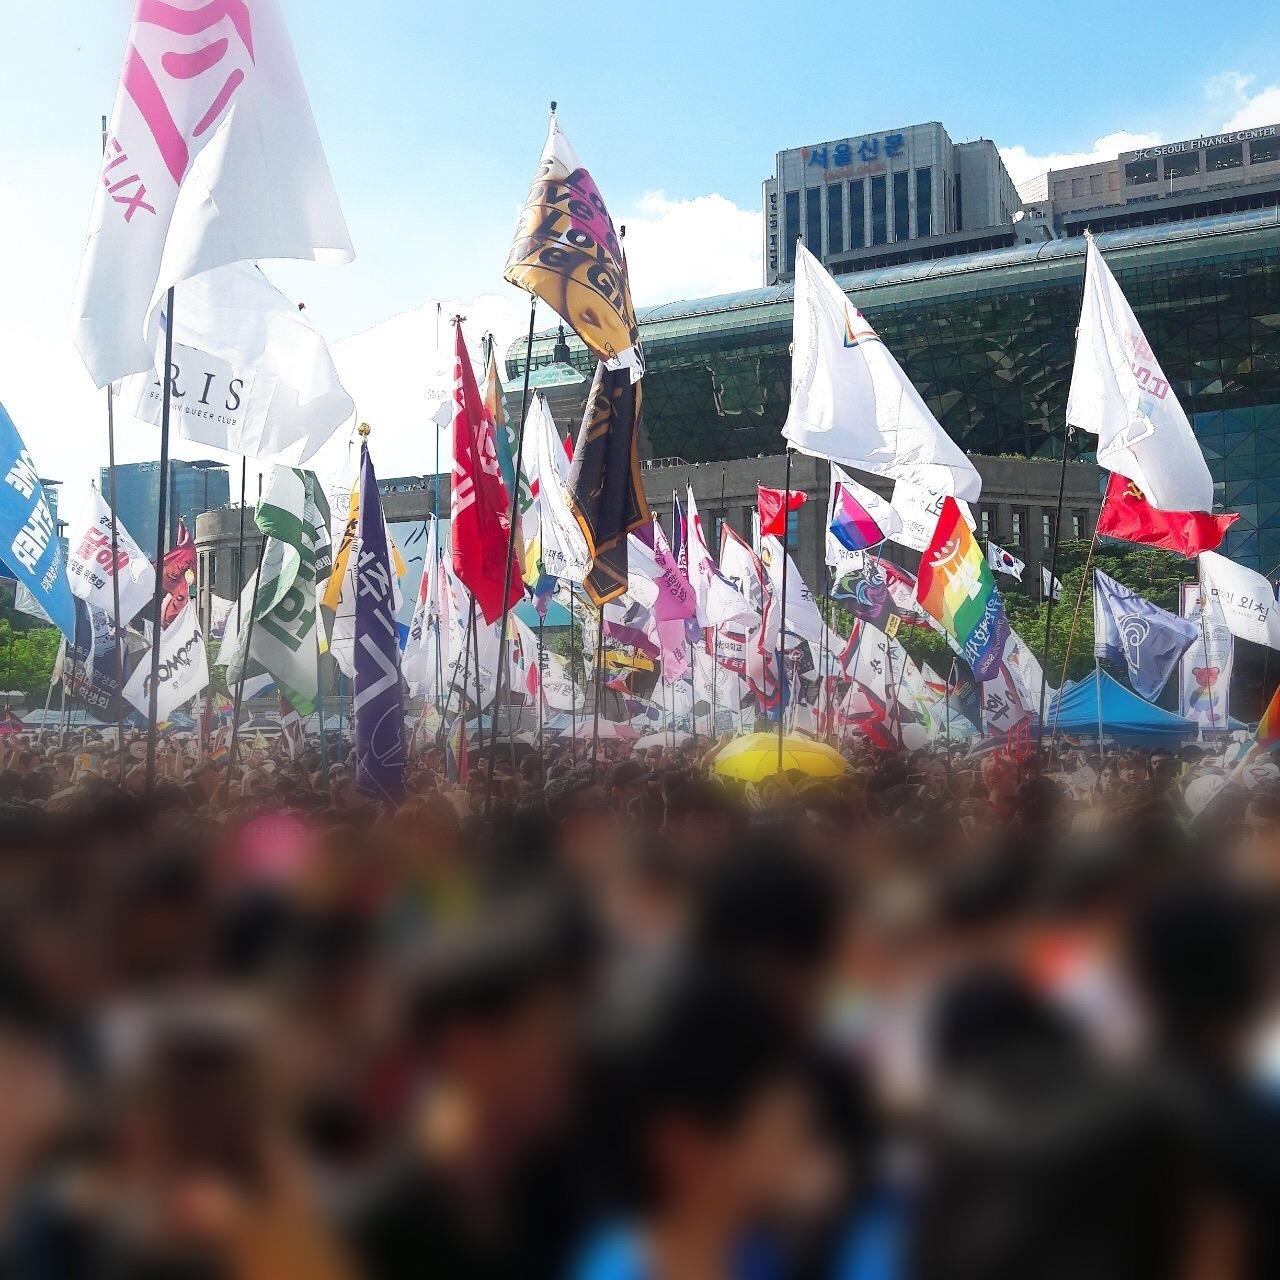 서울퀴어퍼레이드 행진을 기다리는 깃발들 많은 깃발을 든 행사 참가자들이 행진을 기다리고 있다.